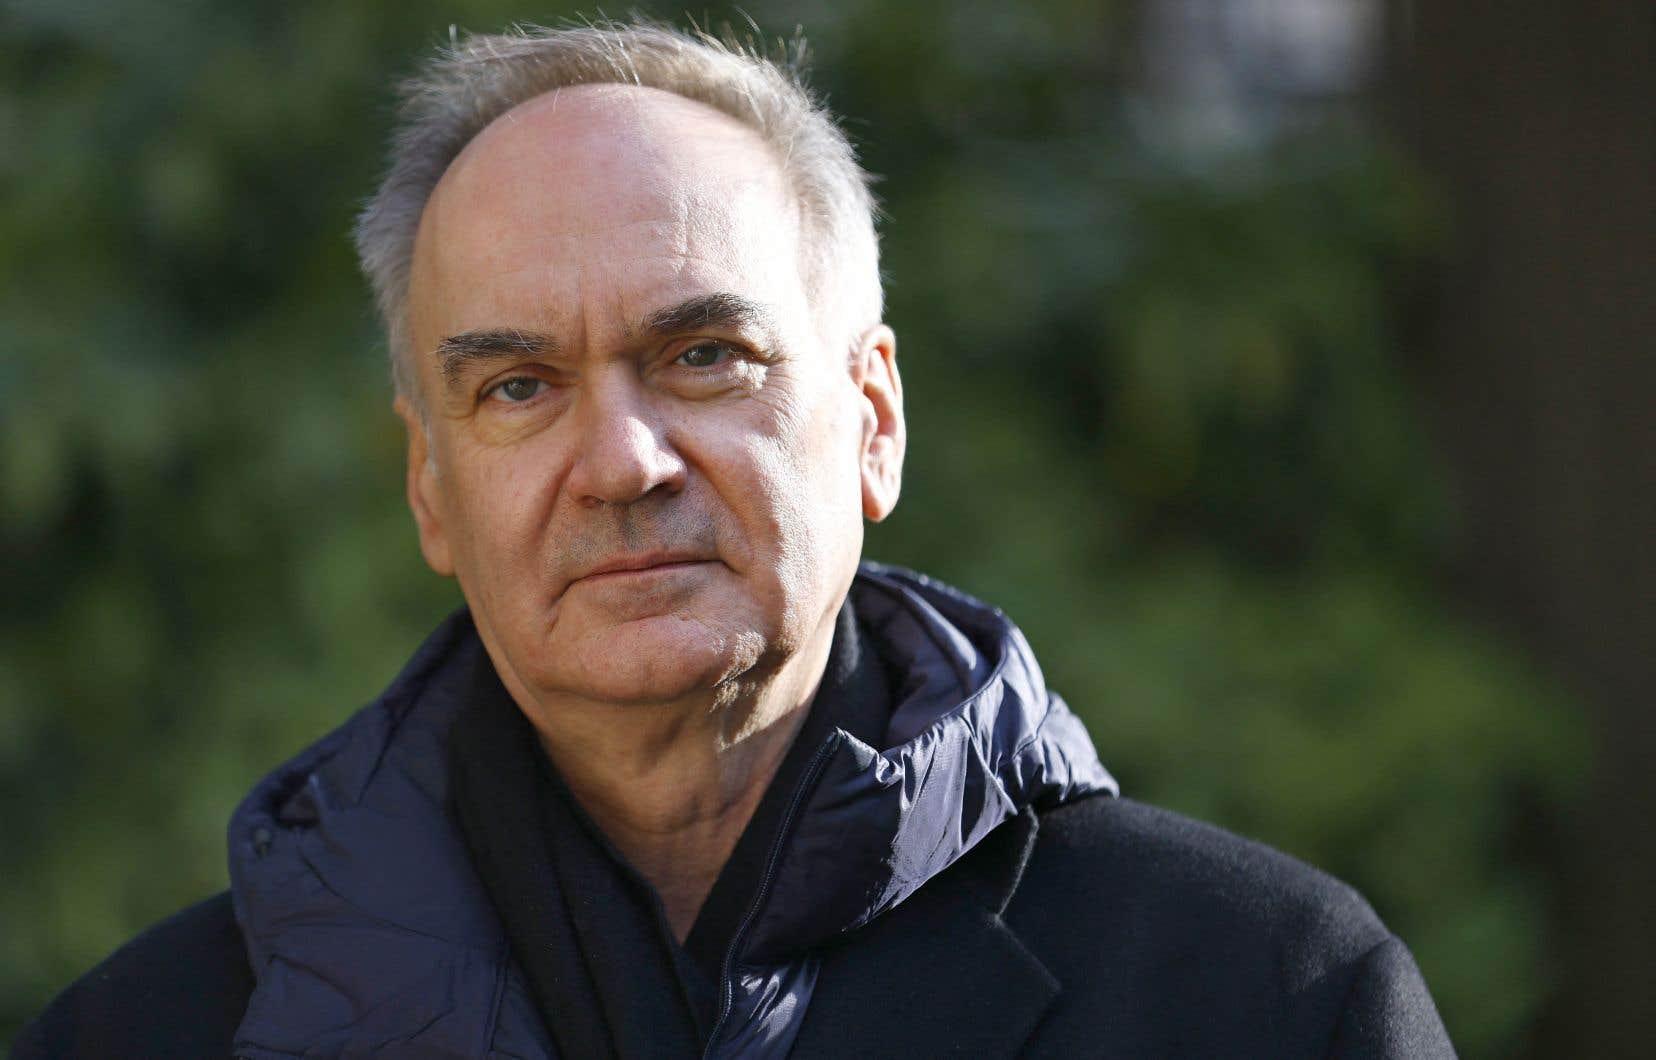 Hervé Le Tellier, à 63ans, avait plus de 20 titres derrière lui, tout en restant méconnu du grand public.